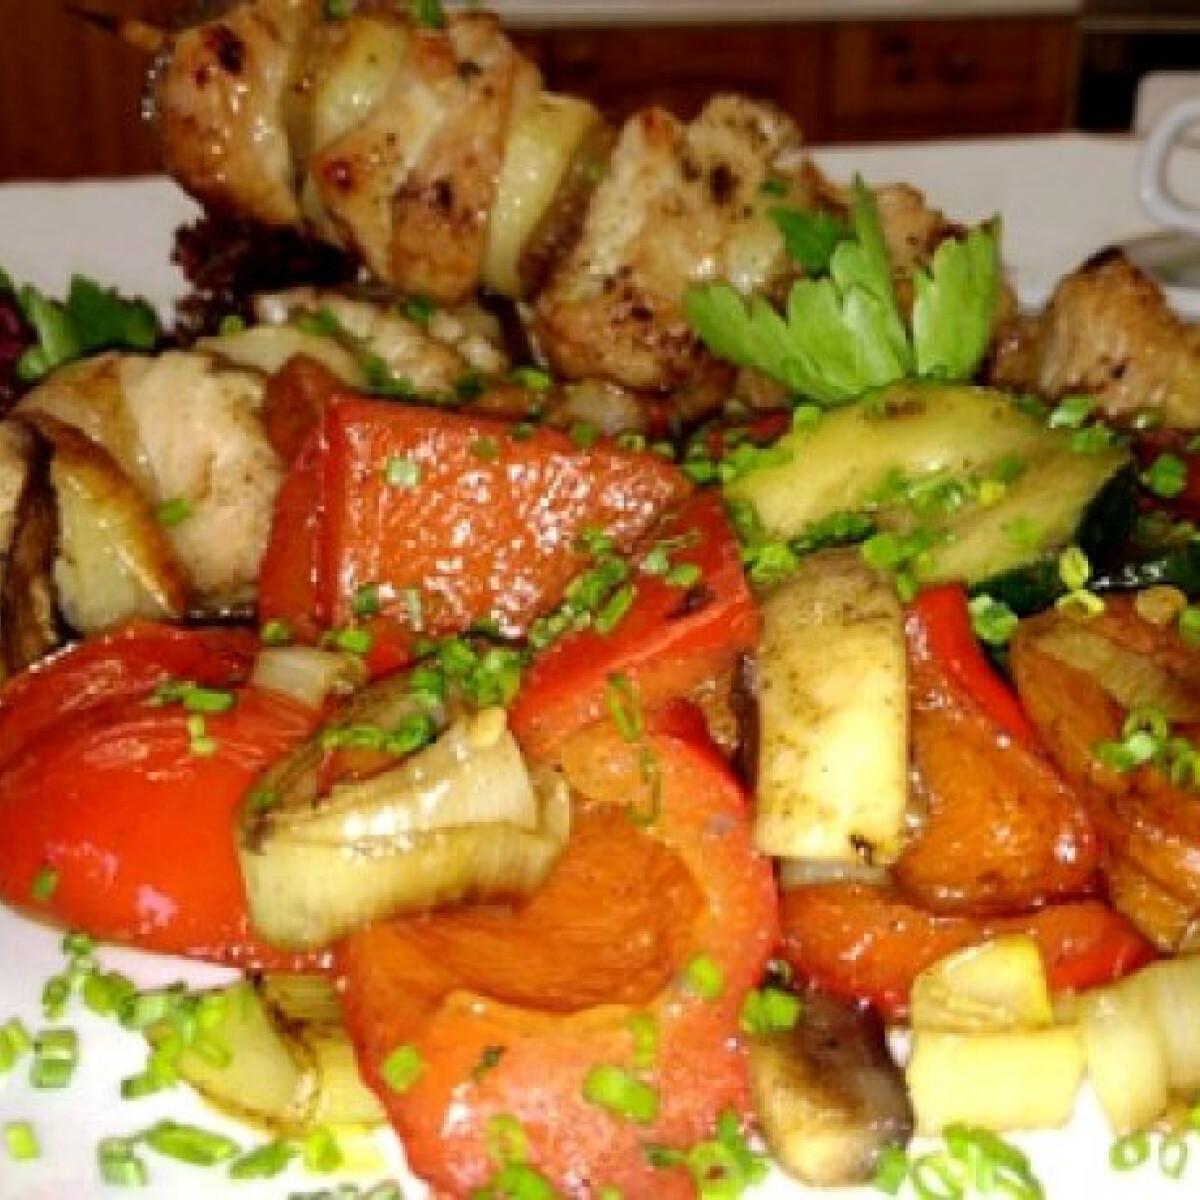 Pulyka saslik grillzöldséggel